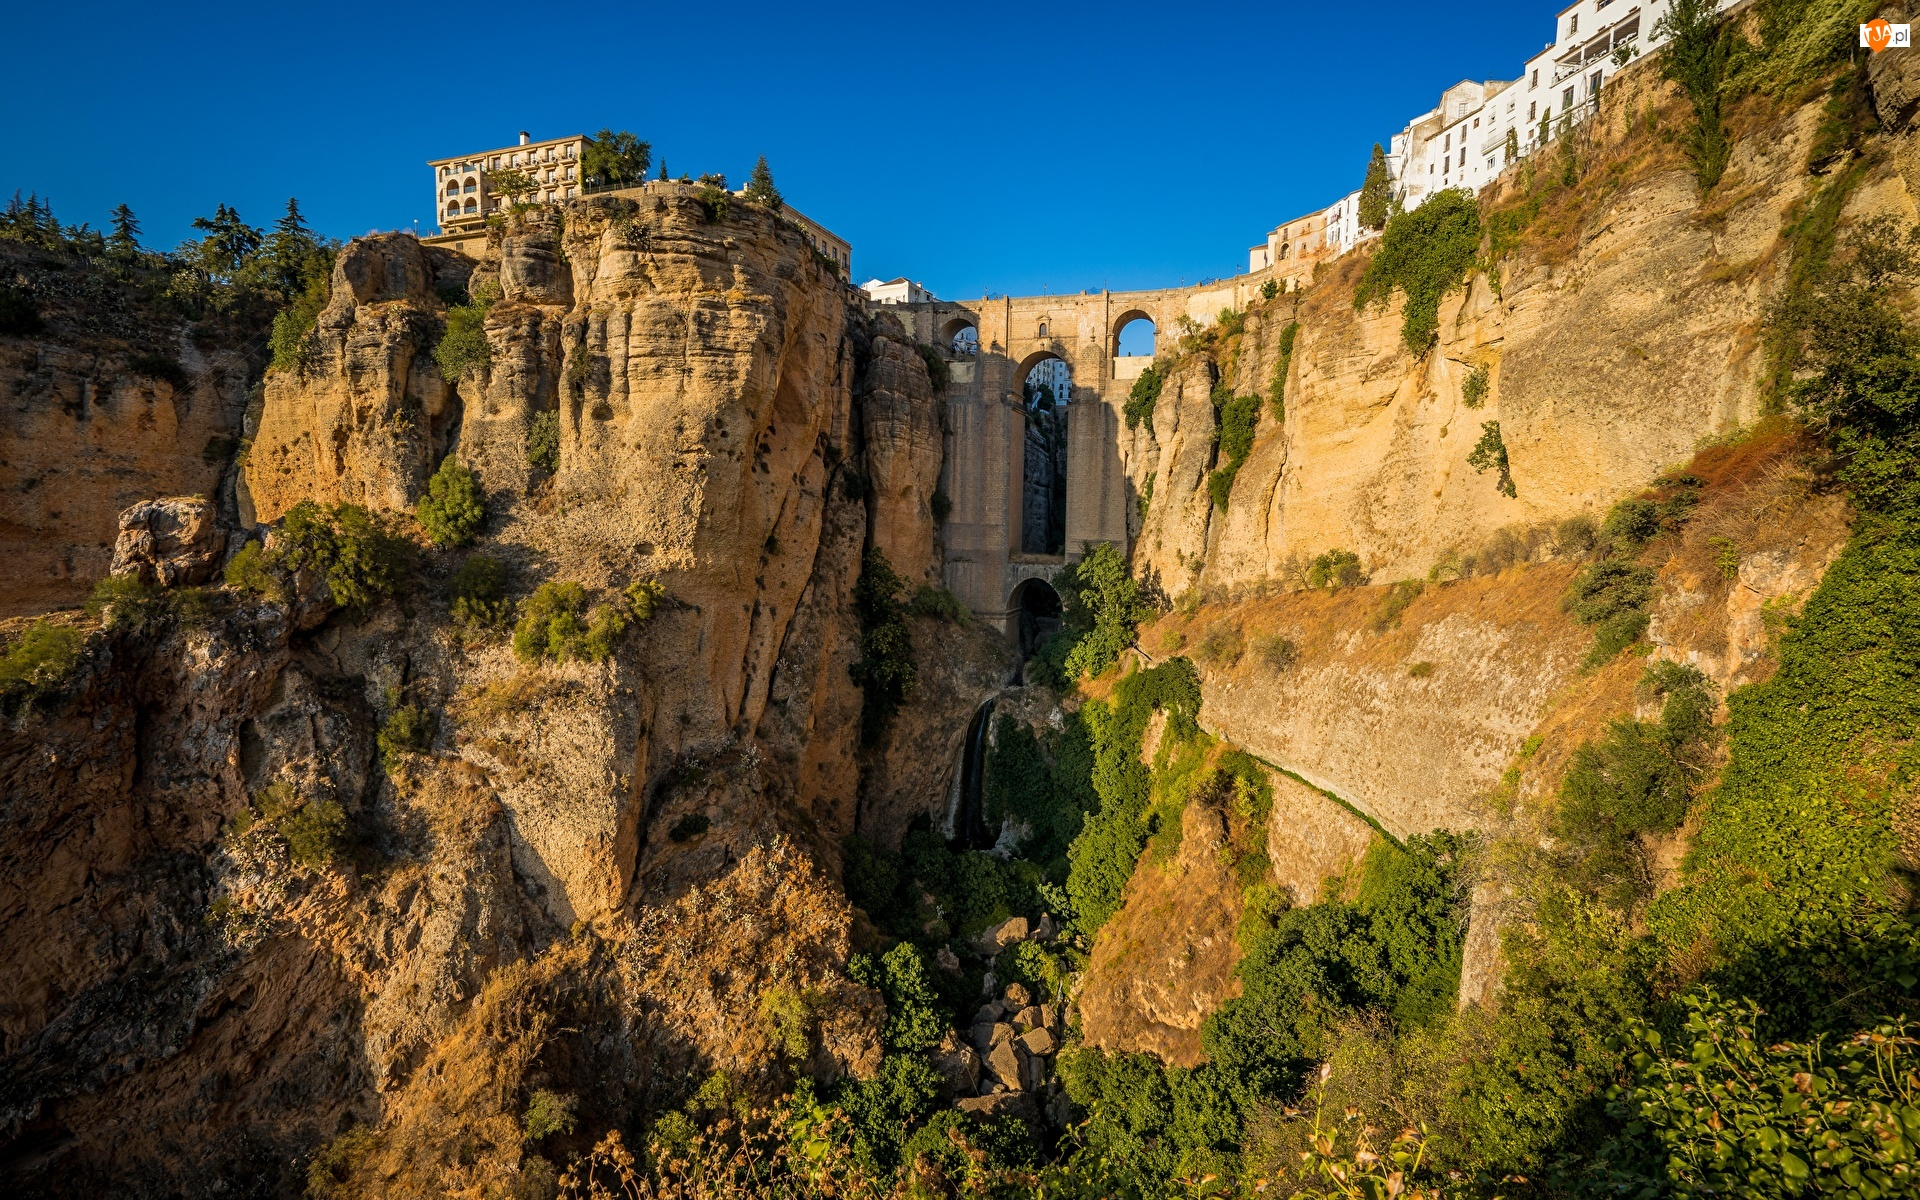 Prowincja Malaga, Skały, Wąwóz Tajo, Andaluzja, Domy, Most Puente Nuevo, Hiszpania, Miasto Ronda